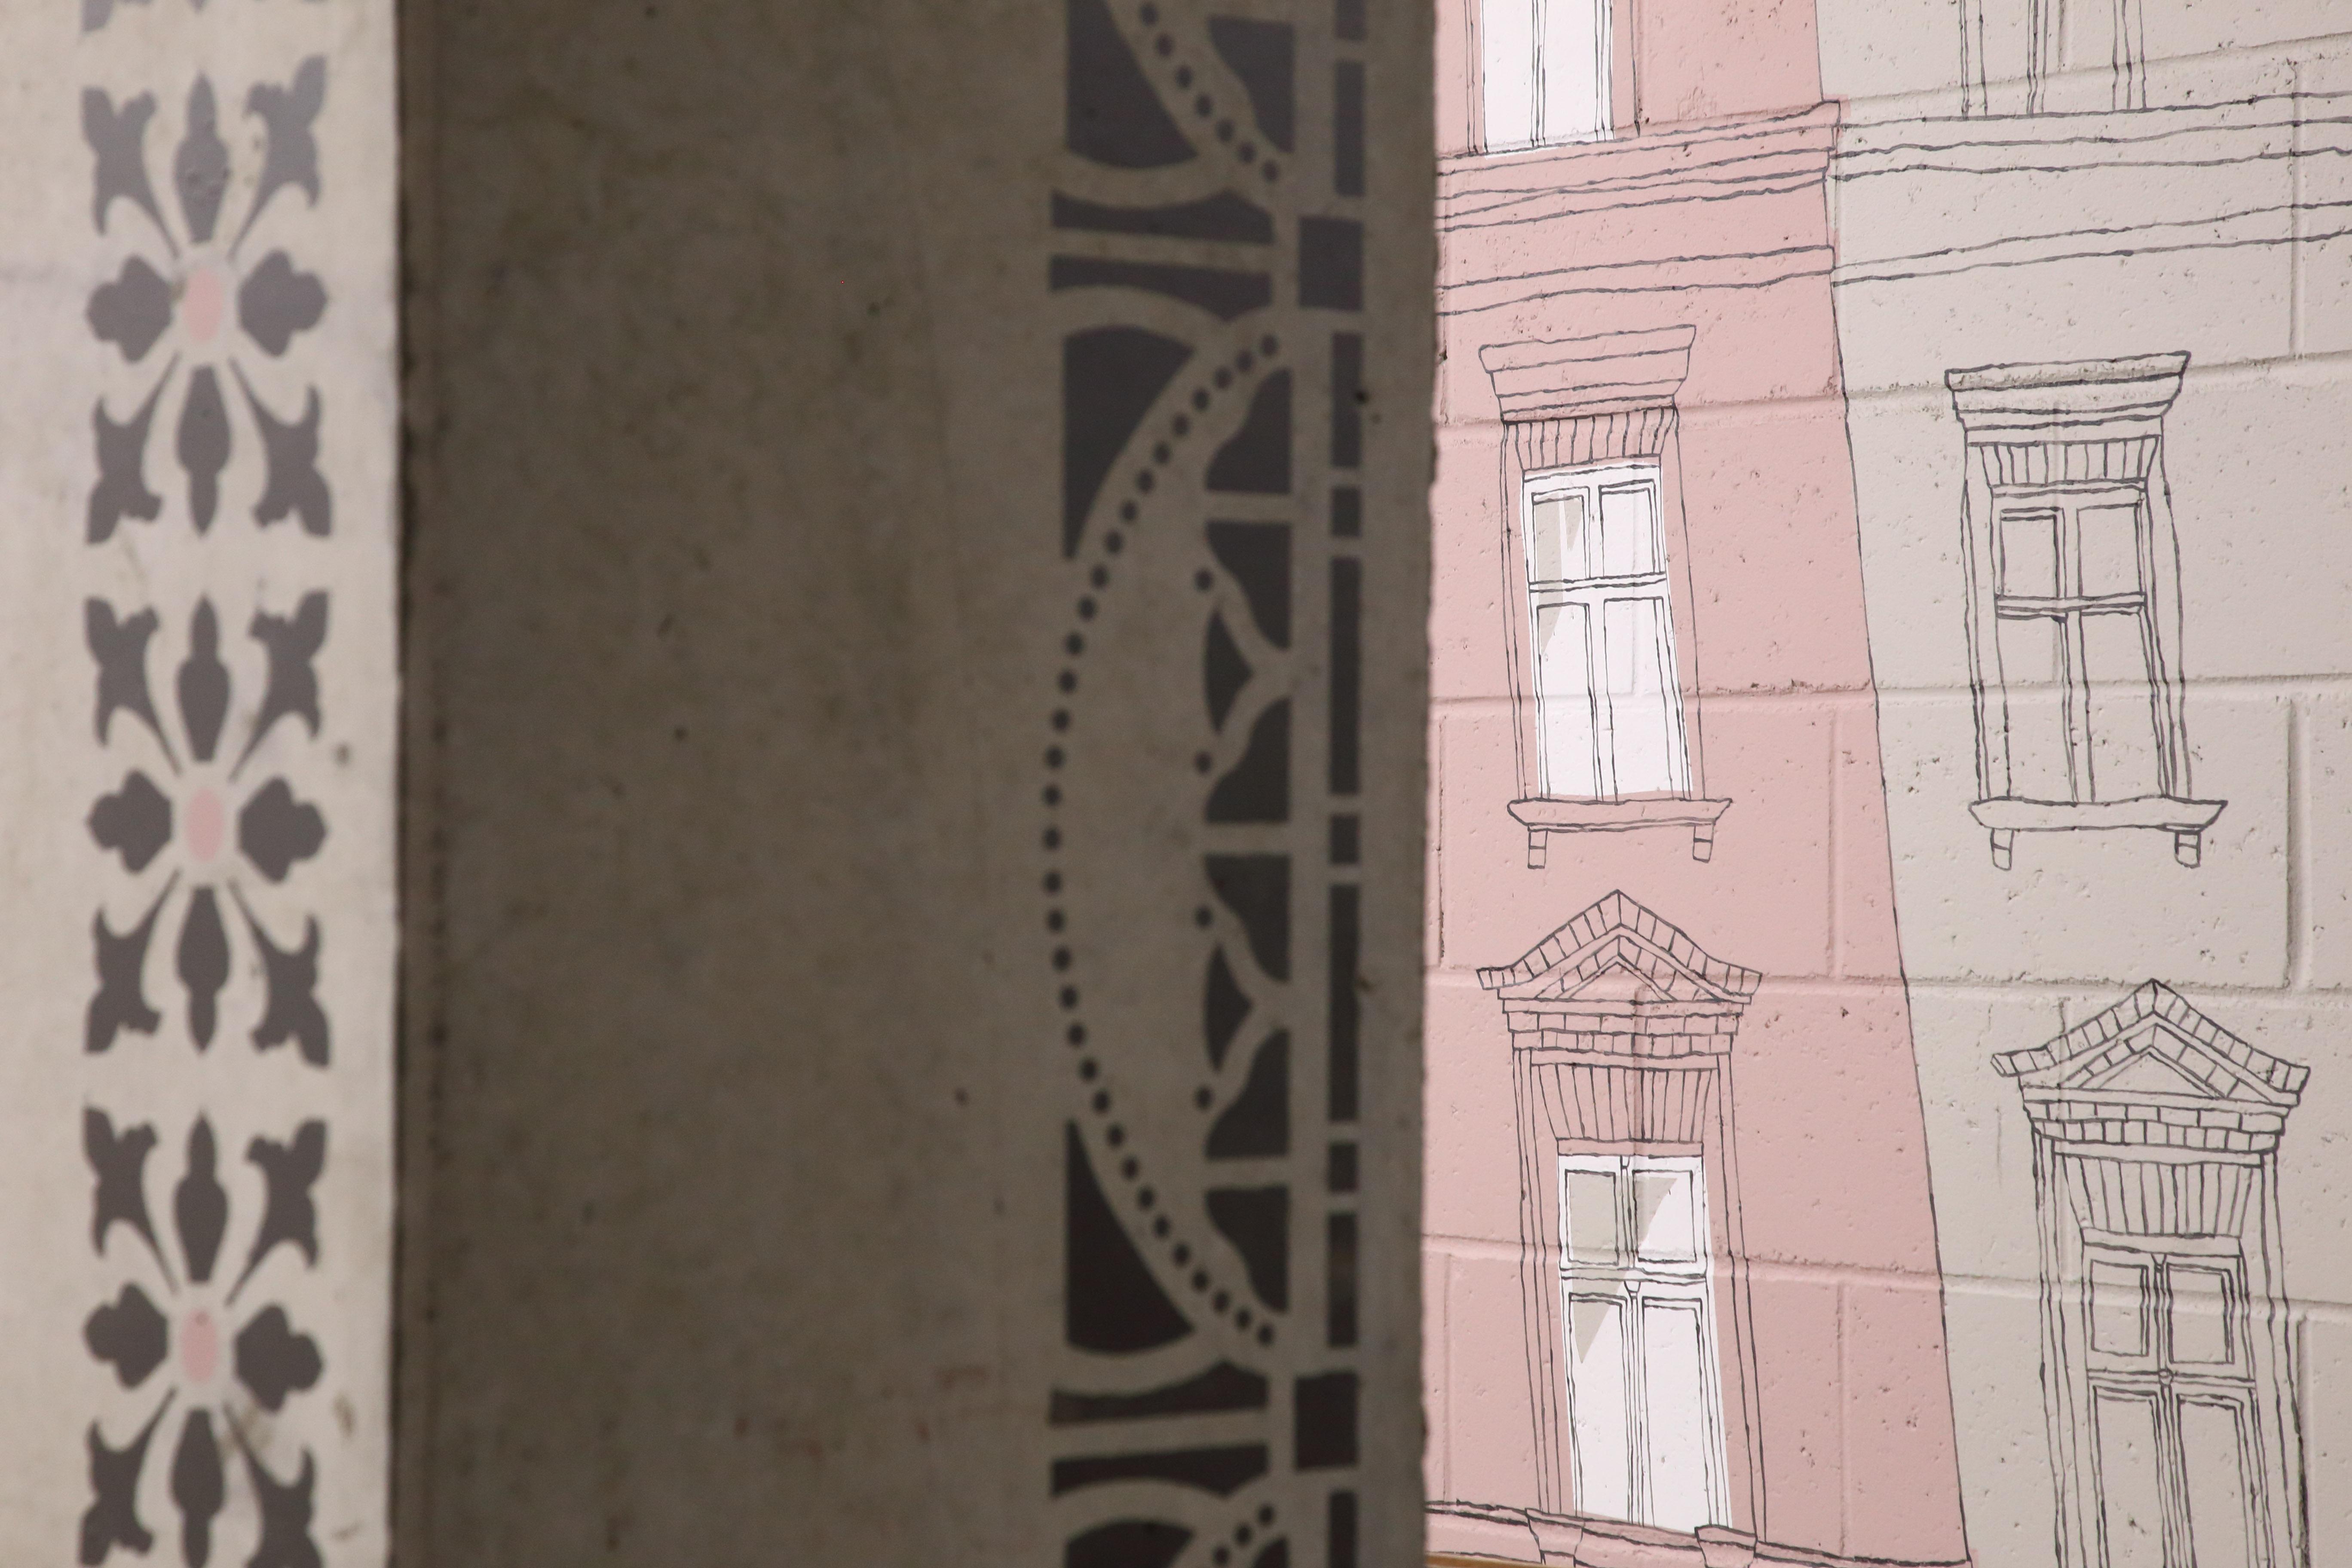 Maalingud muusuemhoidla seintel. Maalingute autorid: Katrin Maask, Kristel Sergo, Marian Holtz ja Maris Välja. Foto: Benno Aavasalu